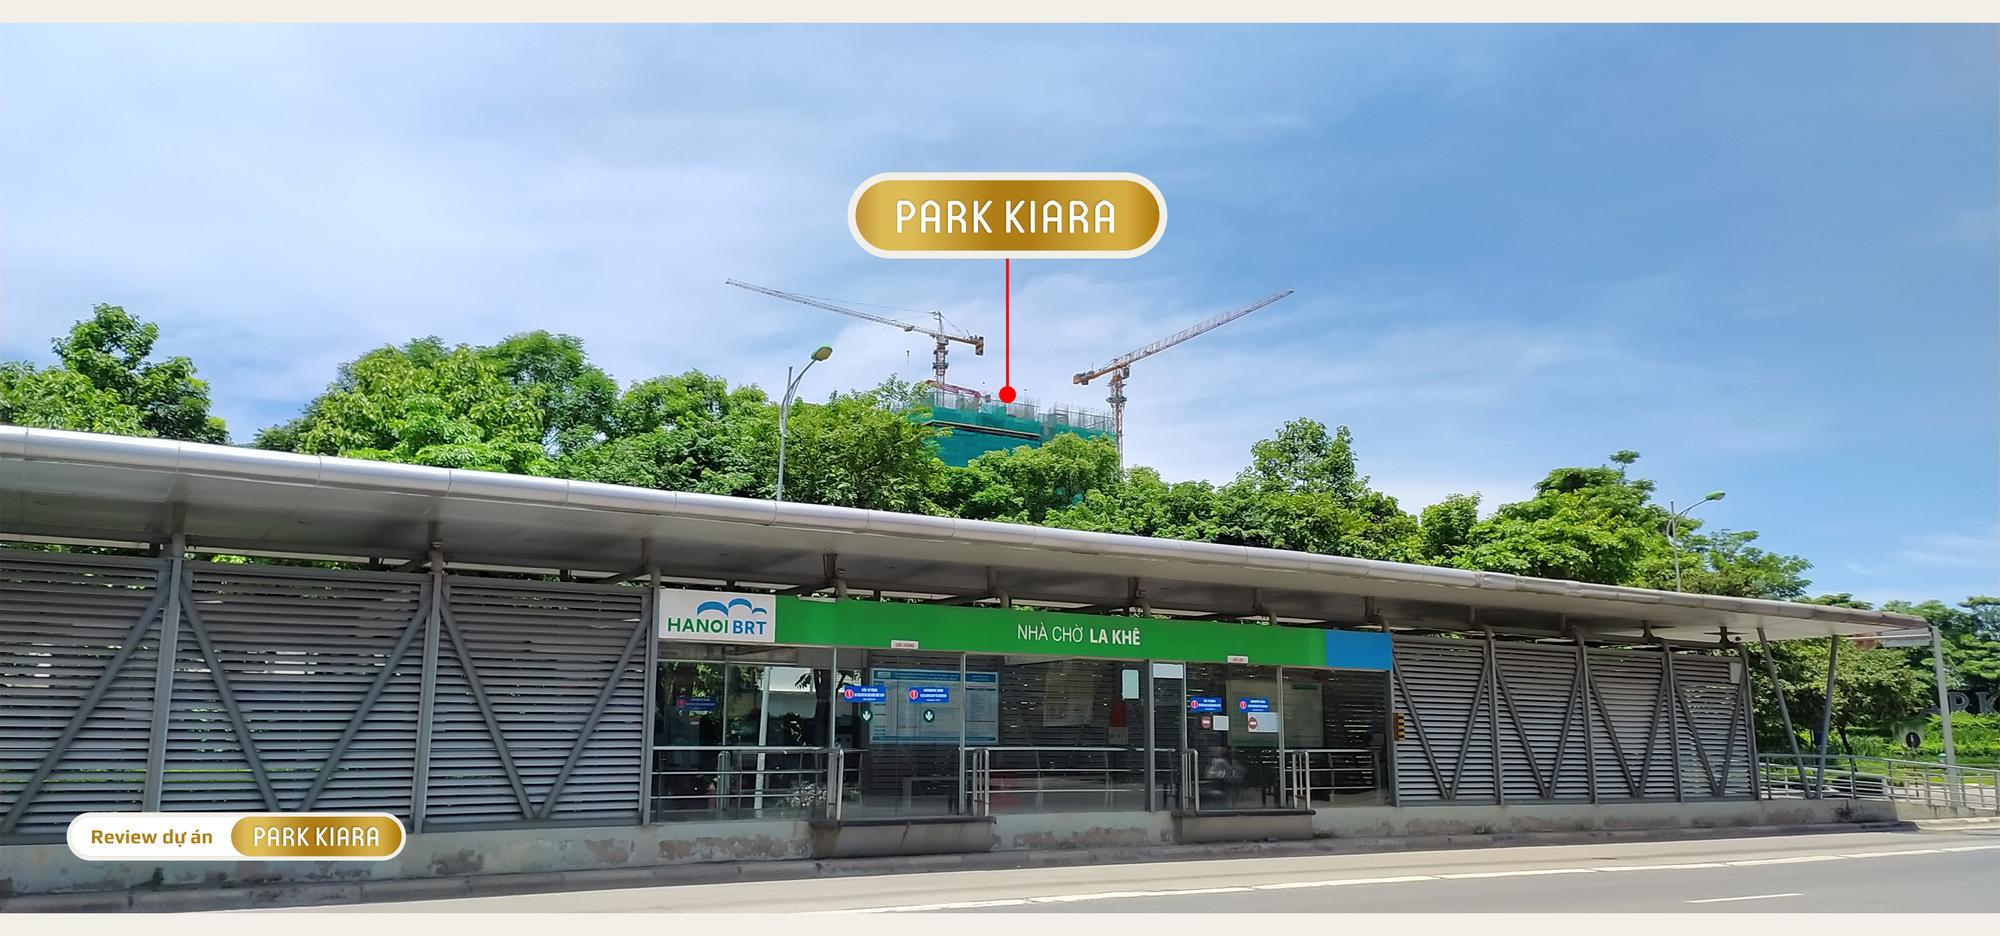 Review dự án chung cư Park Kiara: 80% là căn góc, gần trục chính Lê Văn Lương - Lê Trọng Tấn kéo dài - Ảnh 14.